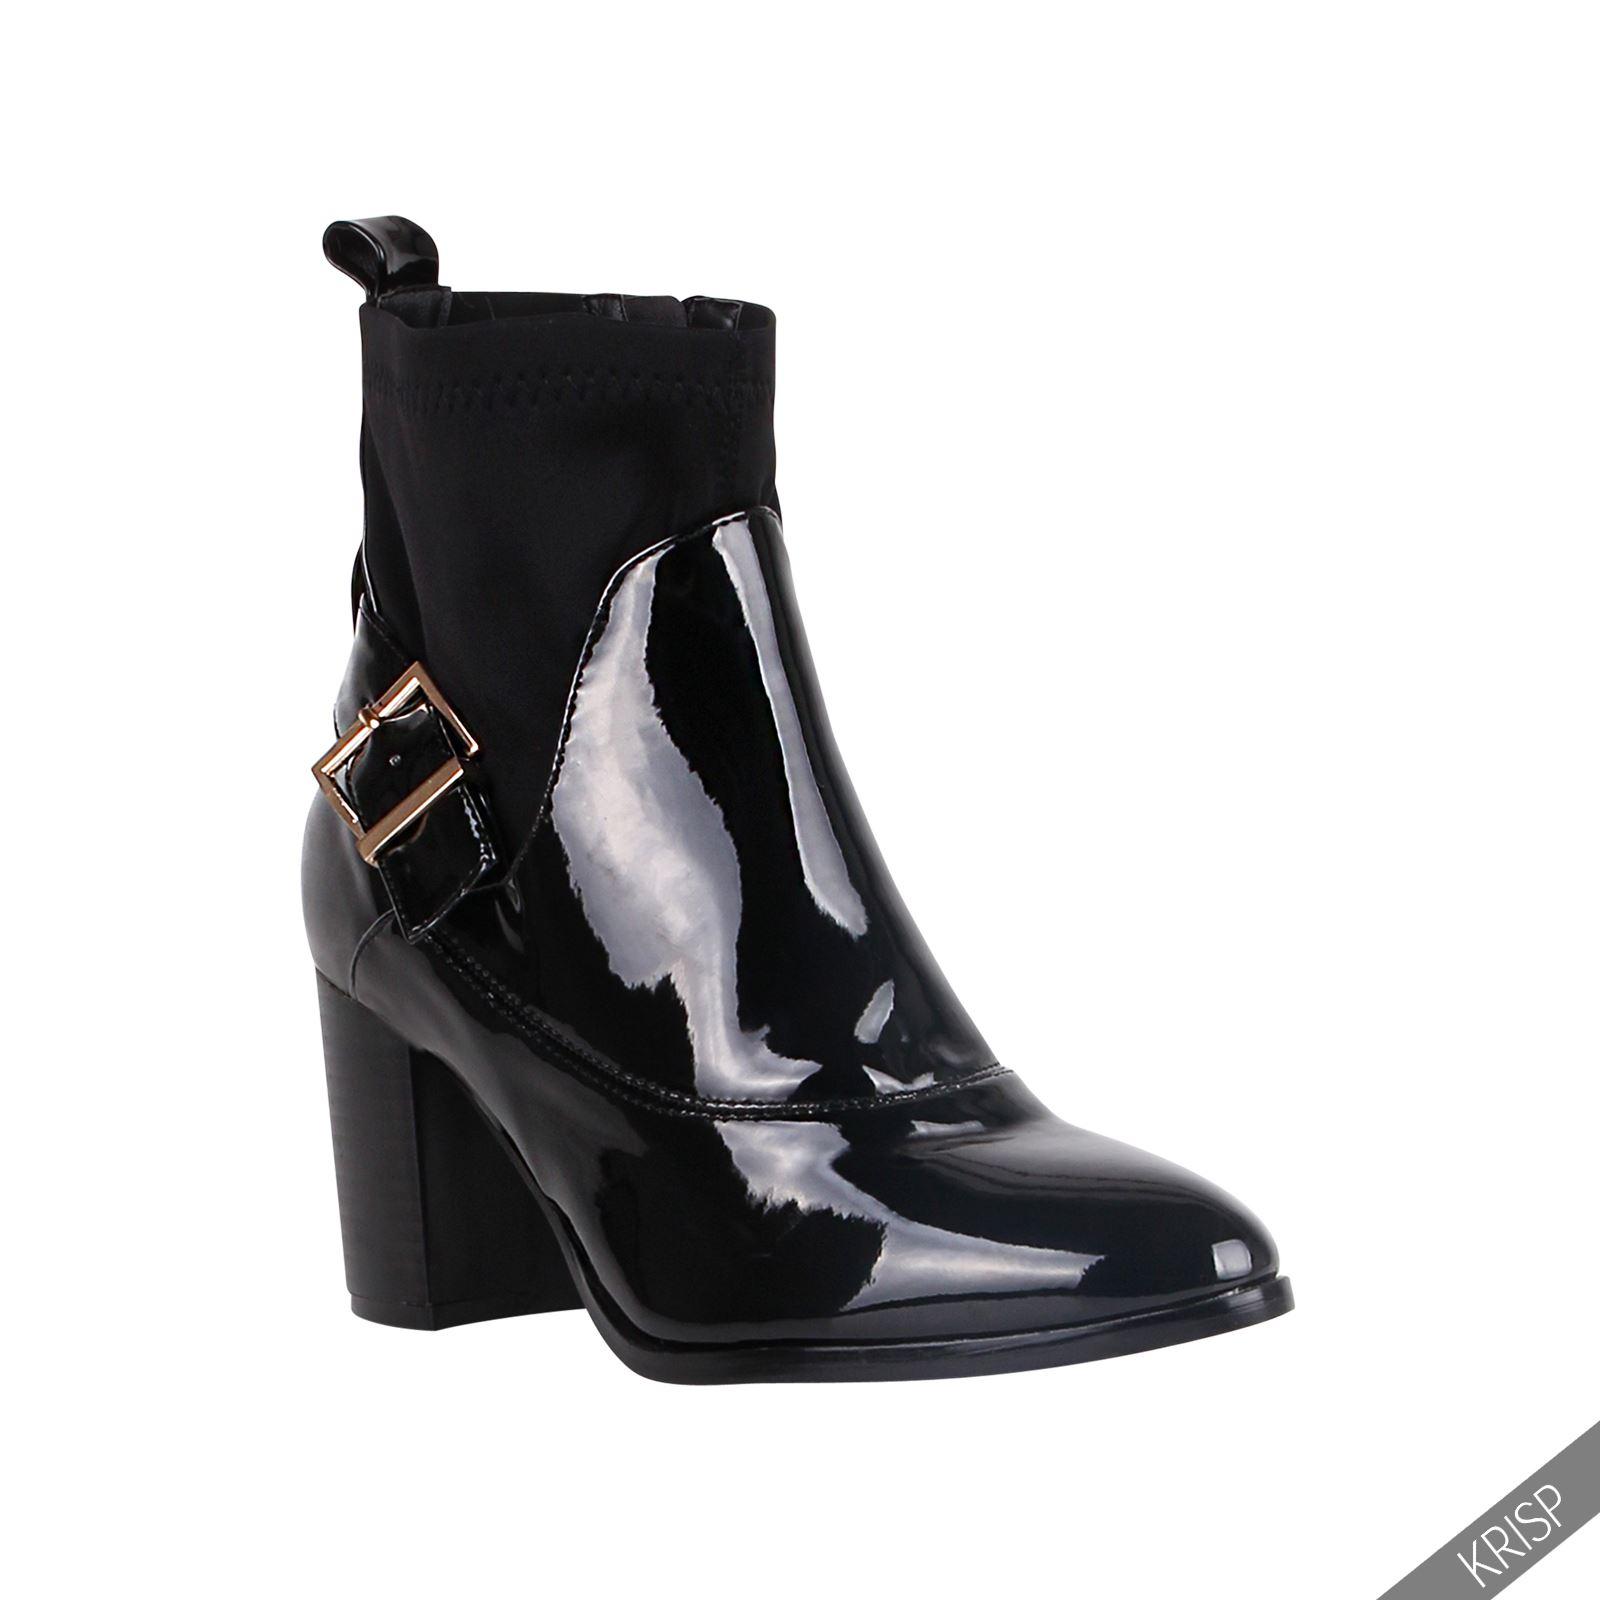 femmes bottines talon bloc aiguille vernis boots chaussures cheville tendance ebay. Black Bedroom Furniture Sets. Home Design Ideas